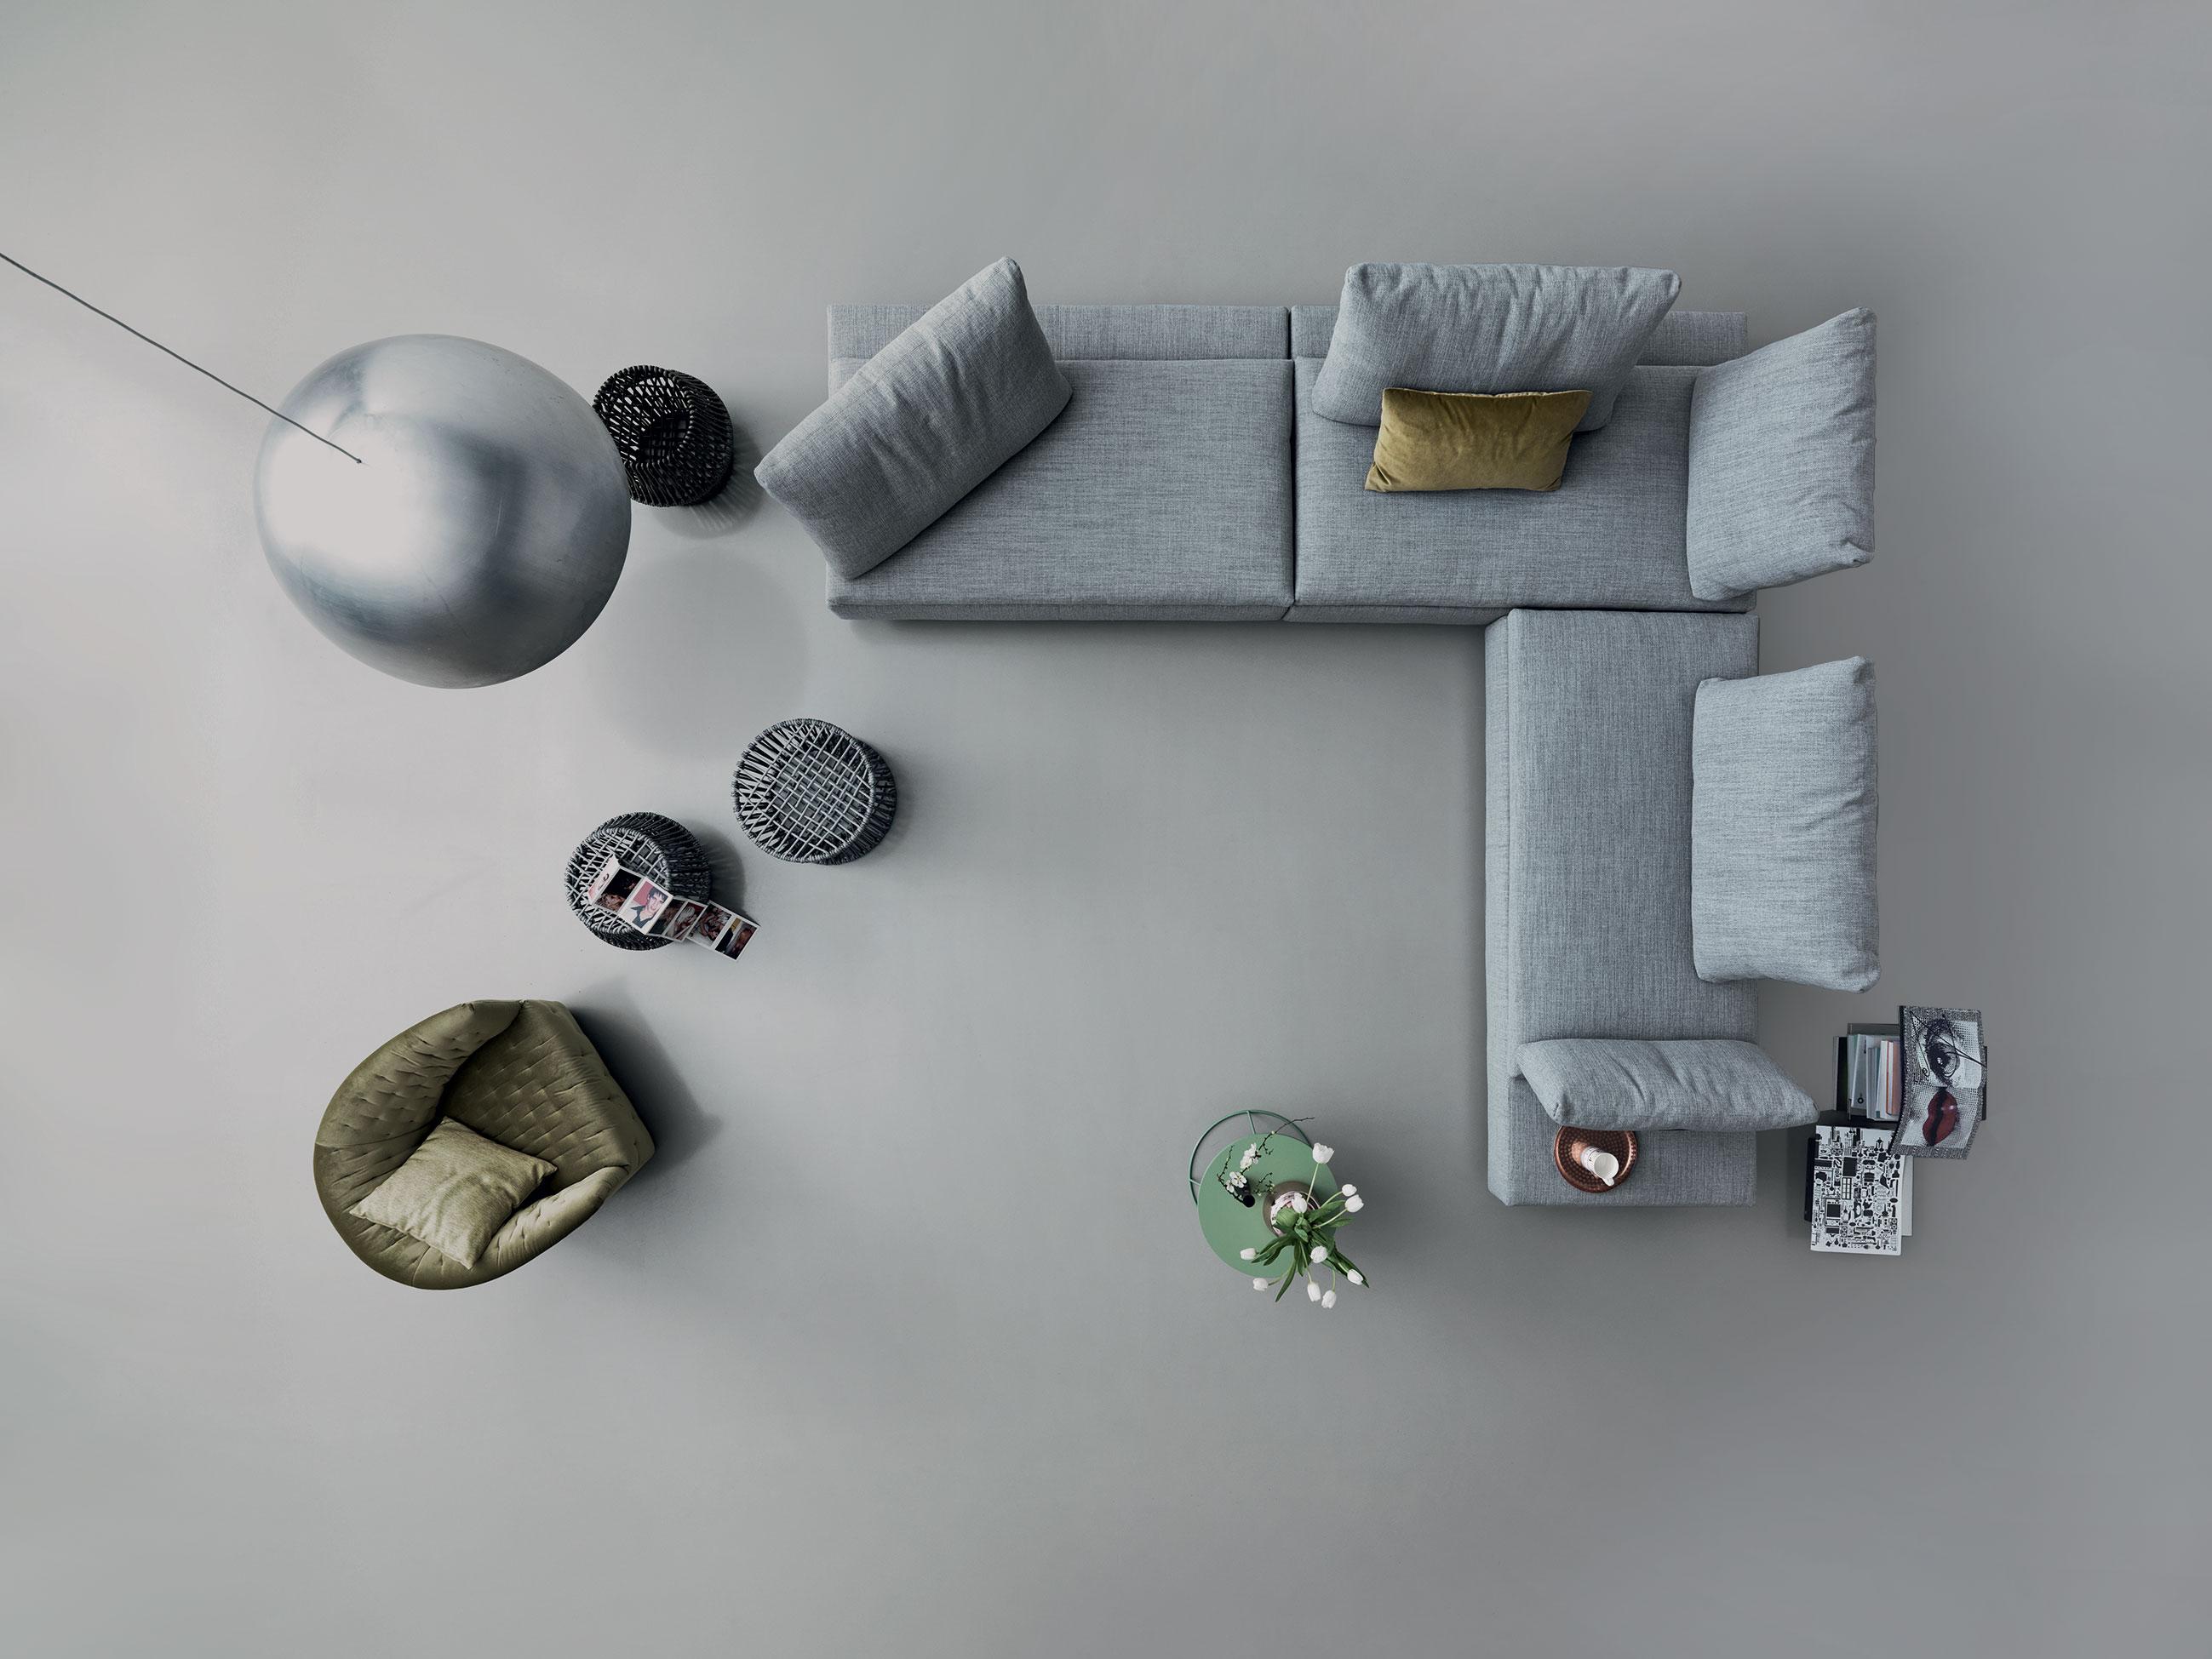 Le nostre migliori proposte per Showroom Arredamento Quartiere Feltre Milano Quartiere Feltre Milano